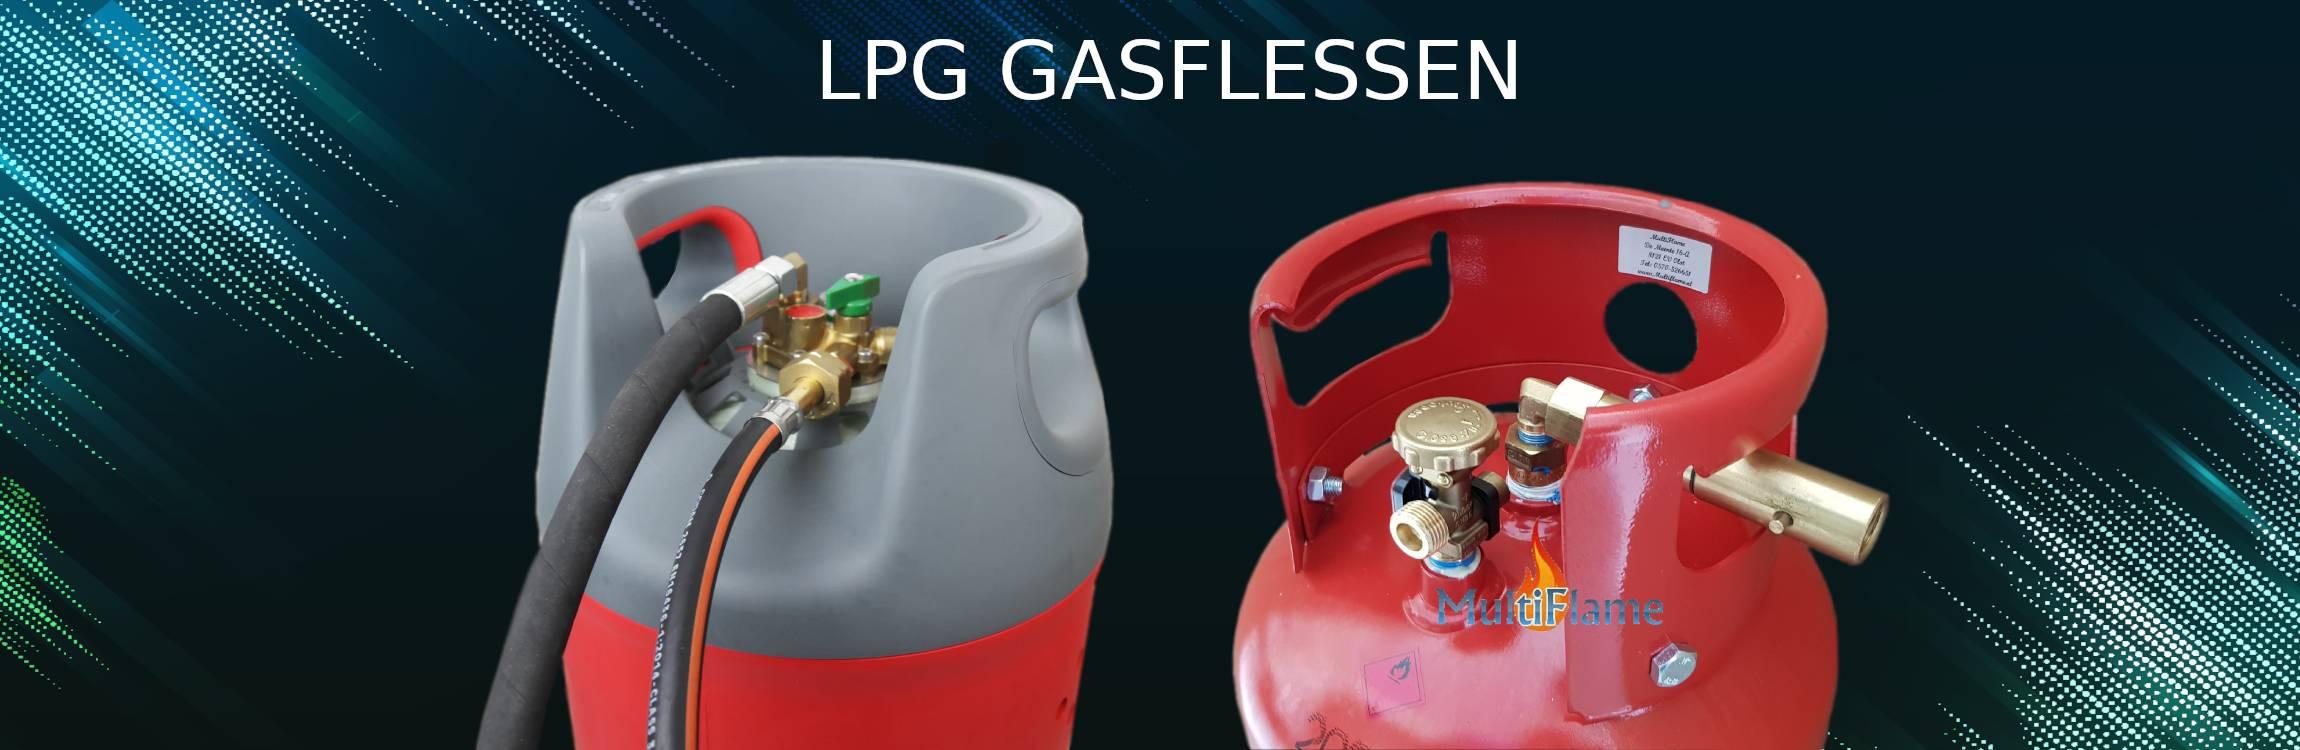 Gasproducten.nl   Alles op flessengas techniek (butaan, propaan en lpg gas)